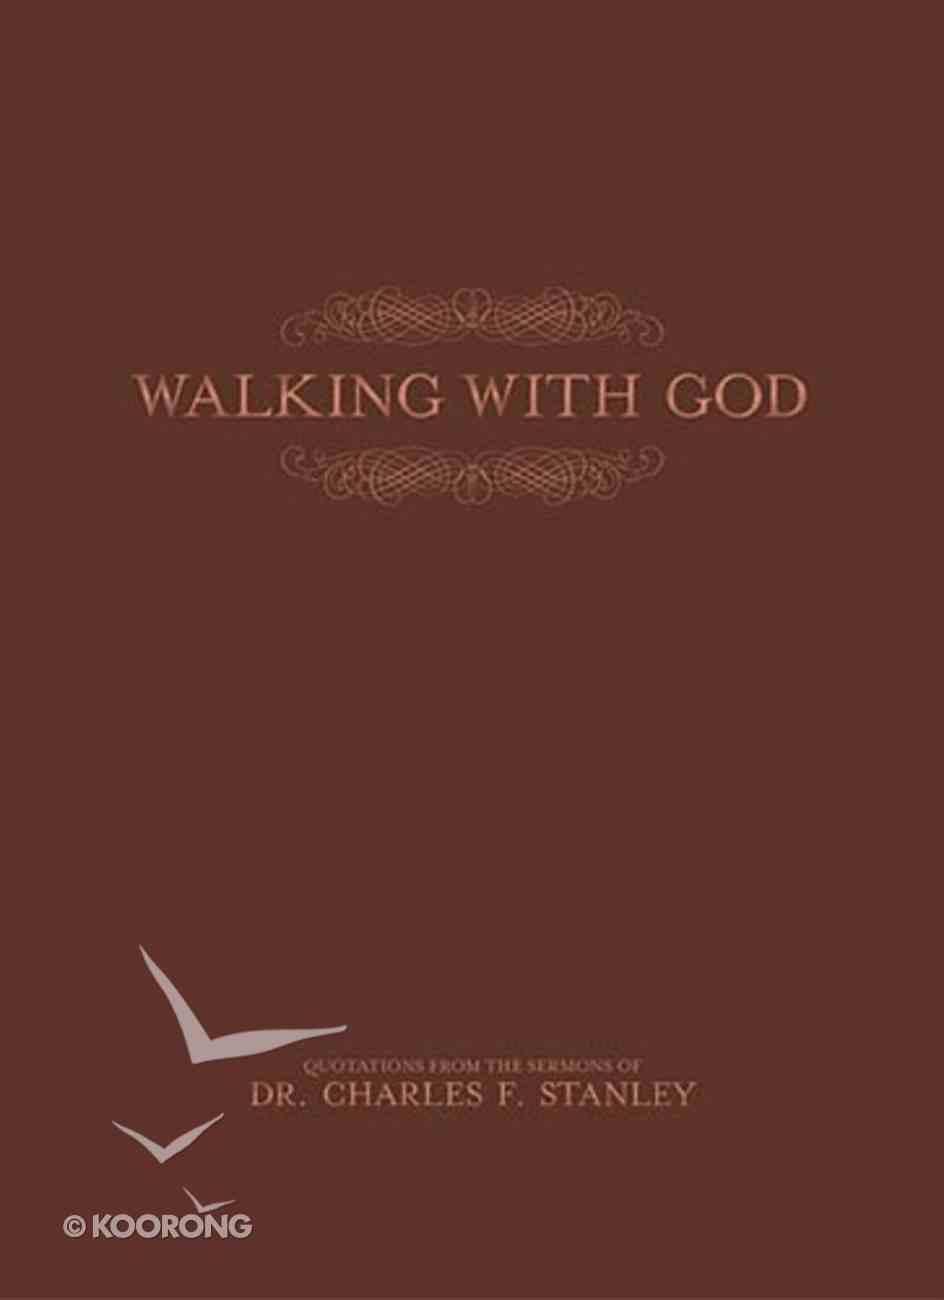 Walking With God Imitation Leather